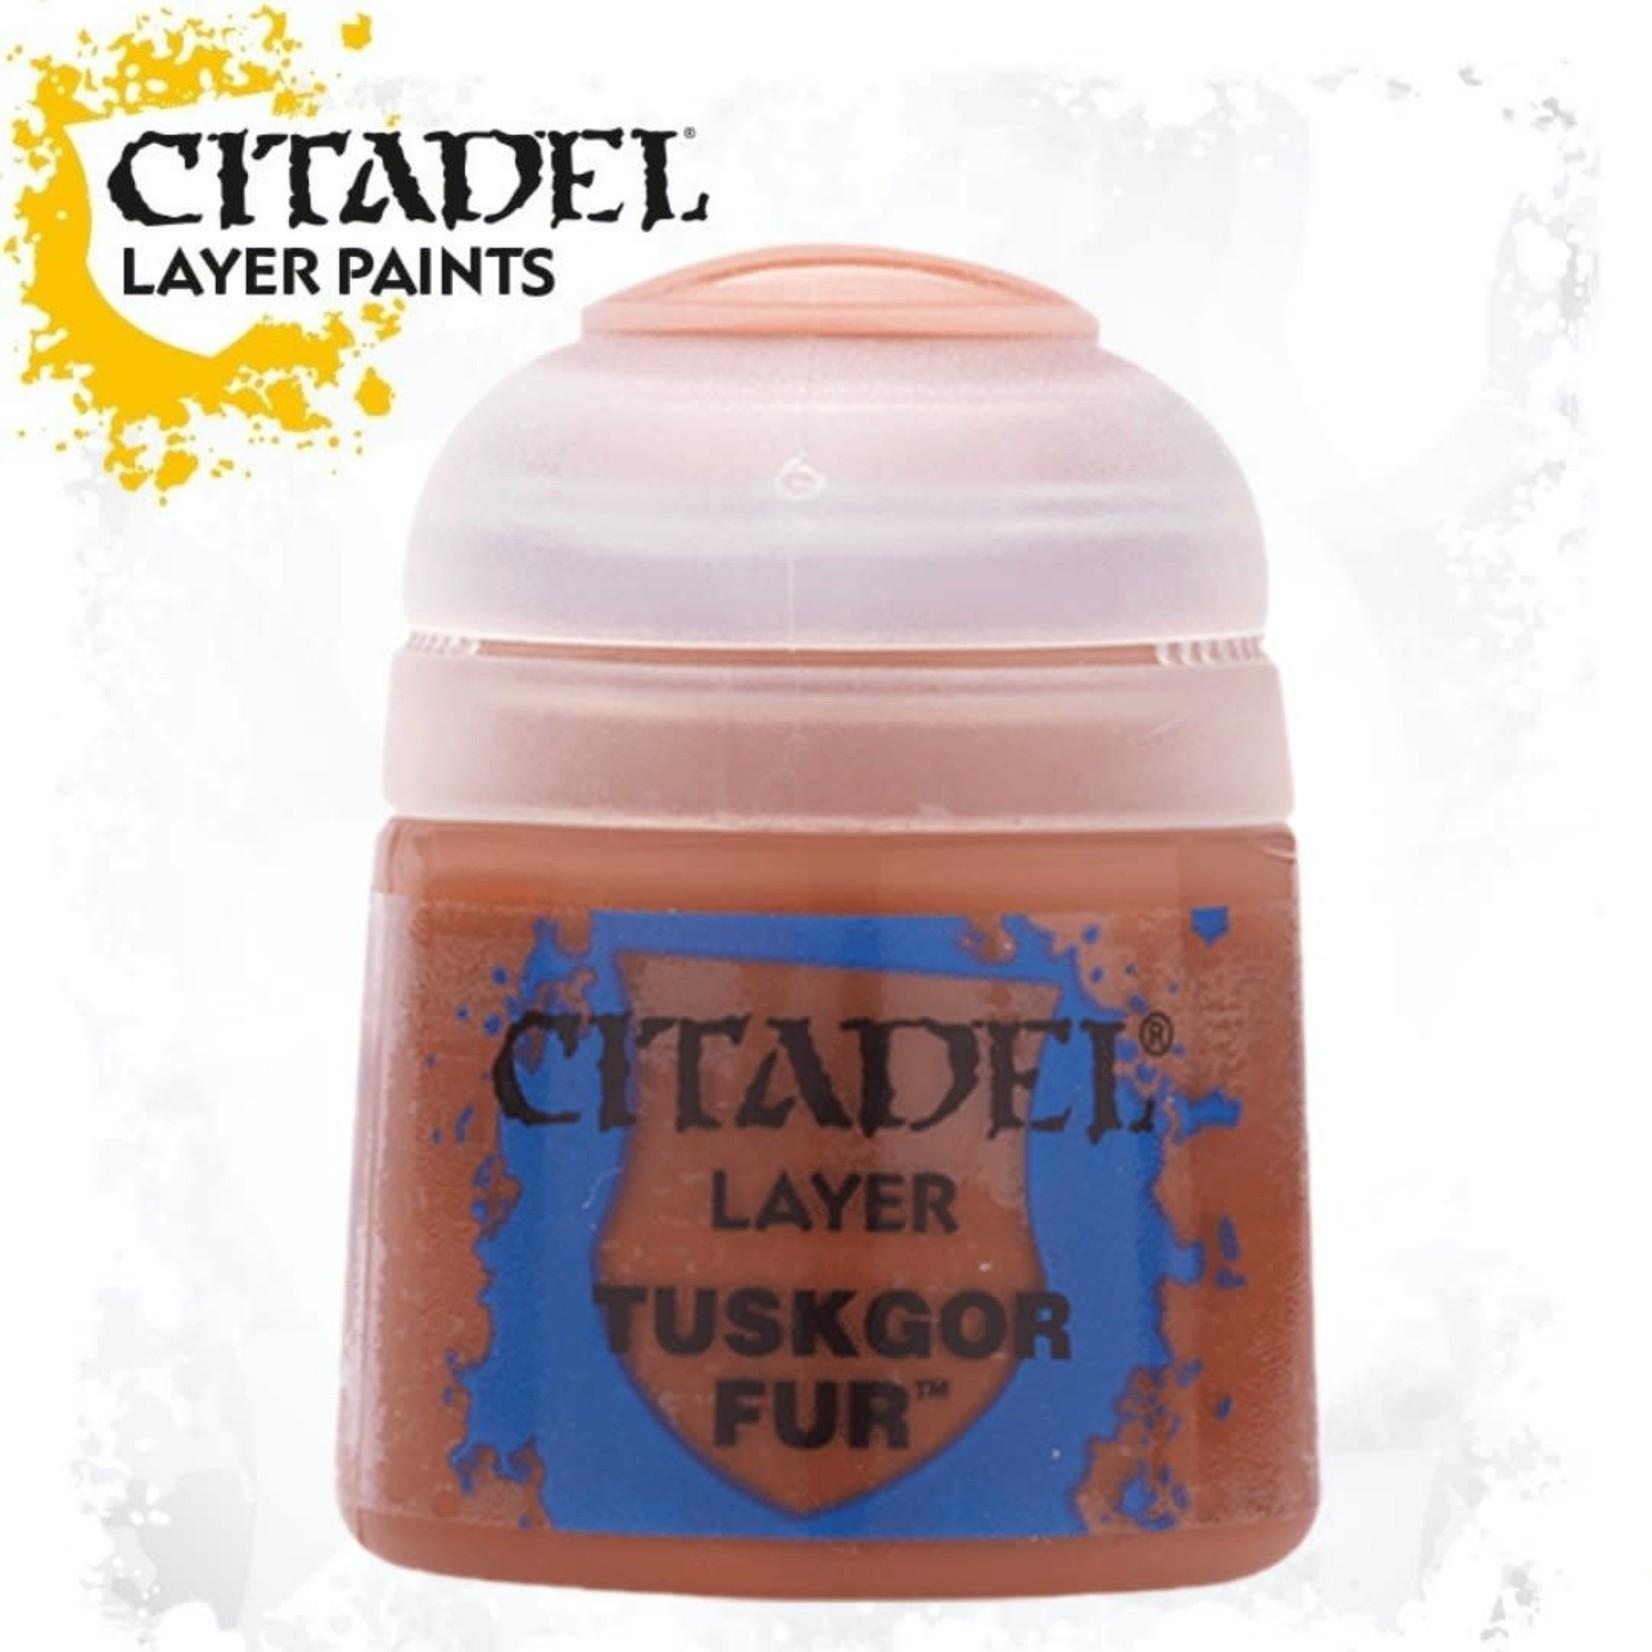 Citadel Citadel Paint - Layer: Tuskgor Fur